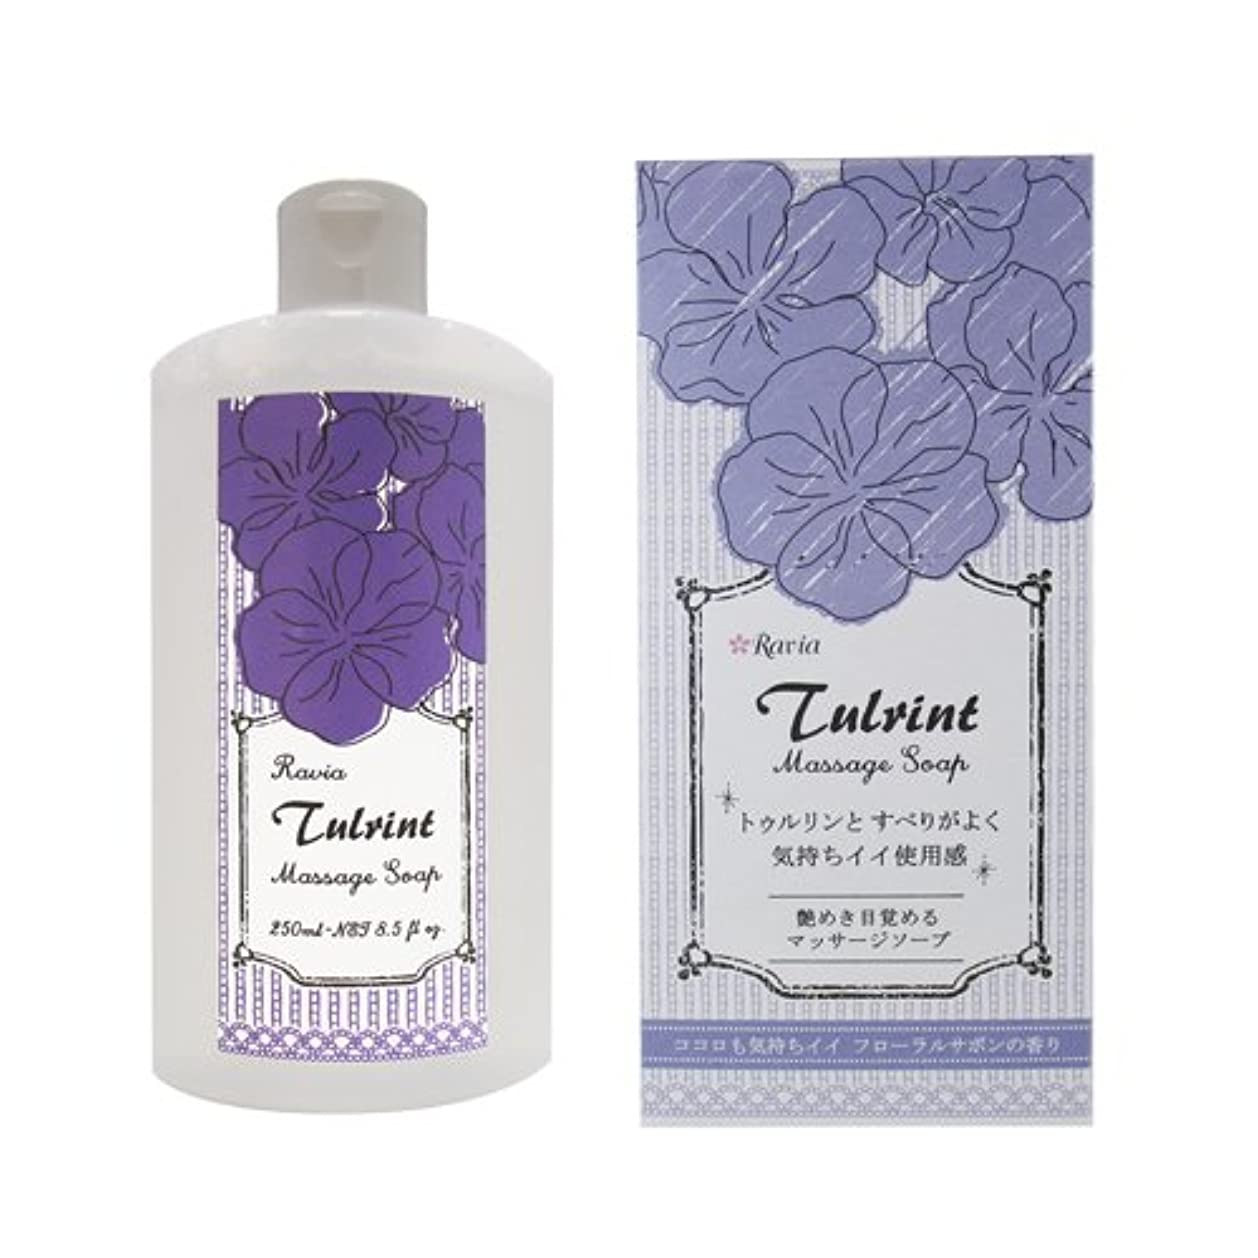 ハードウェア非互換阻害する【マッサージソープ】ラヴィア(Ravia) トゥルリント マッサージソープ(Tulrint Massage soap) 250ml フローラルサボンの香り